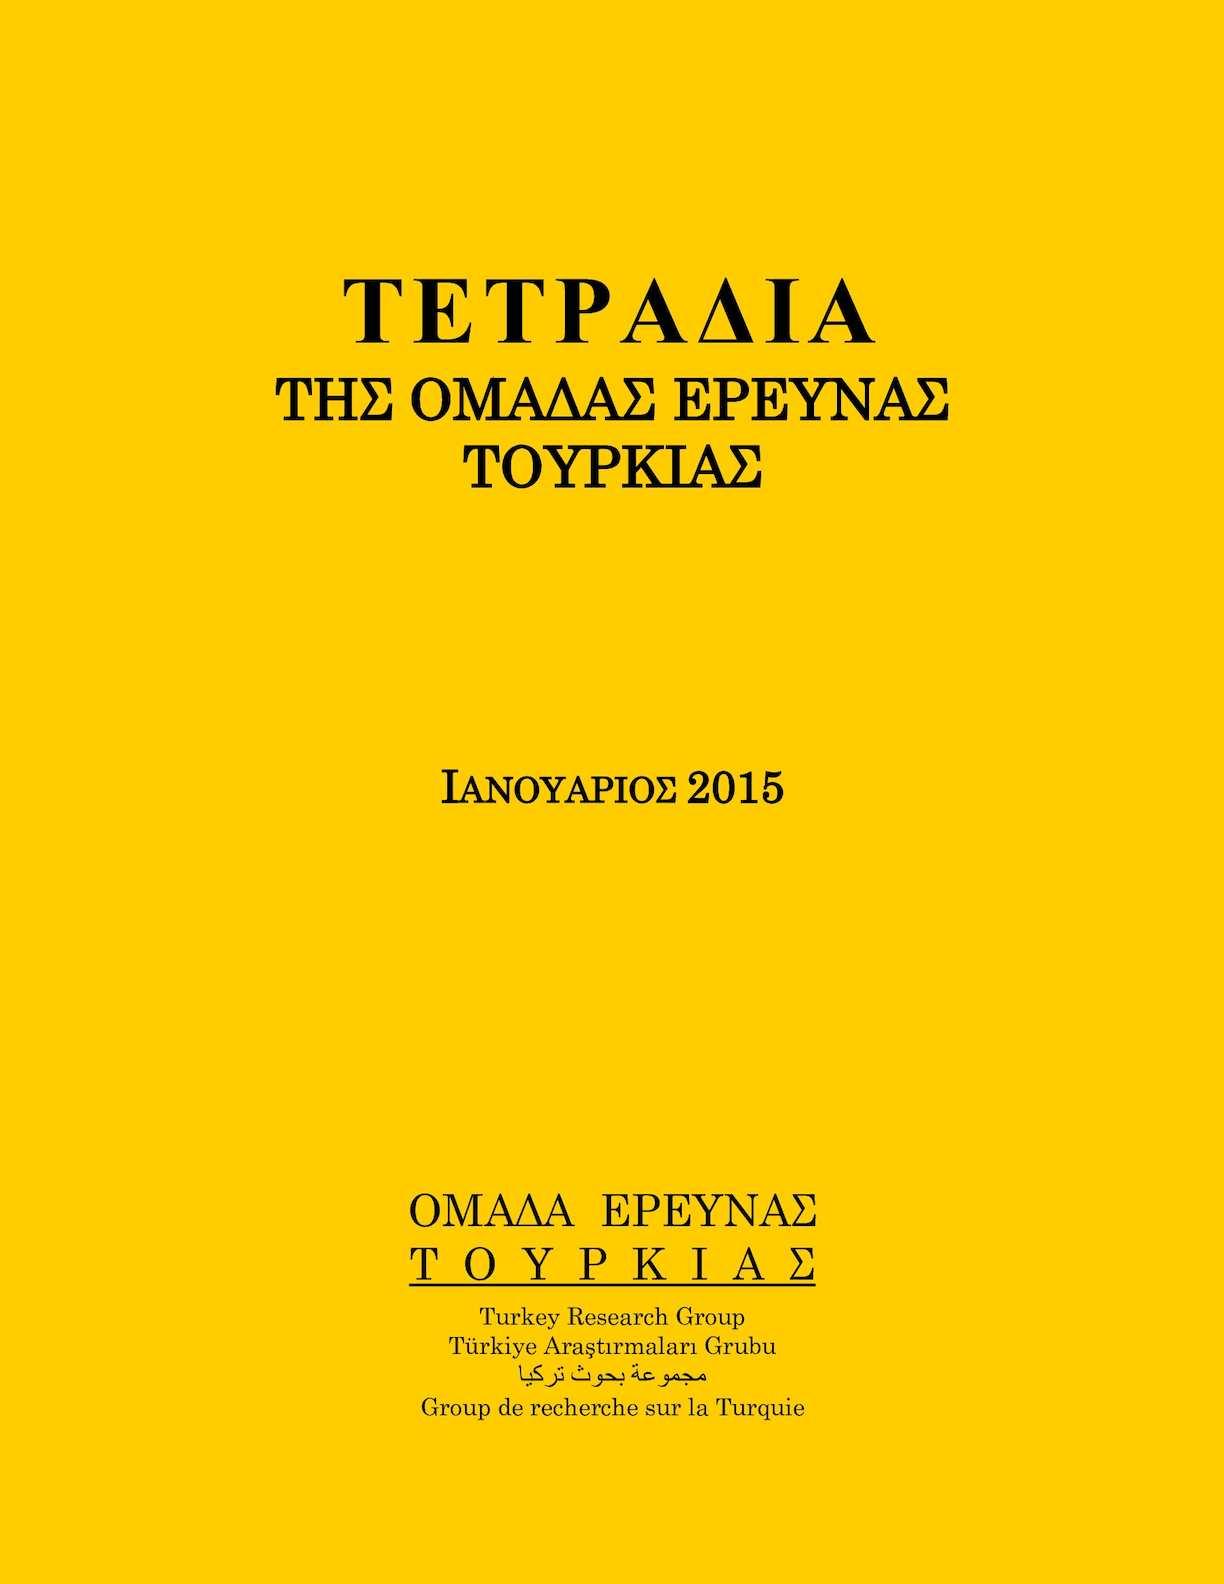 OMET Tetradia January 2015